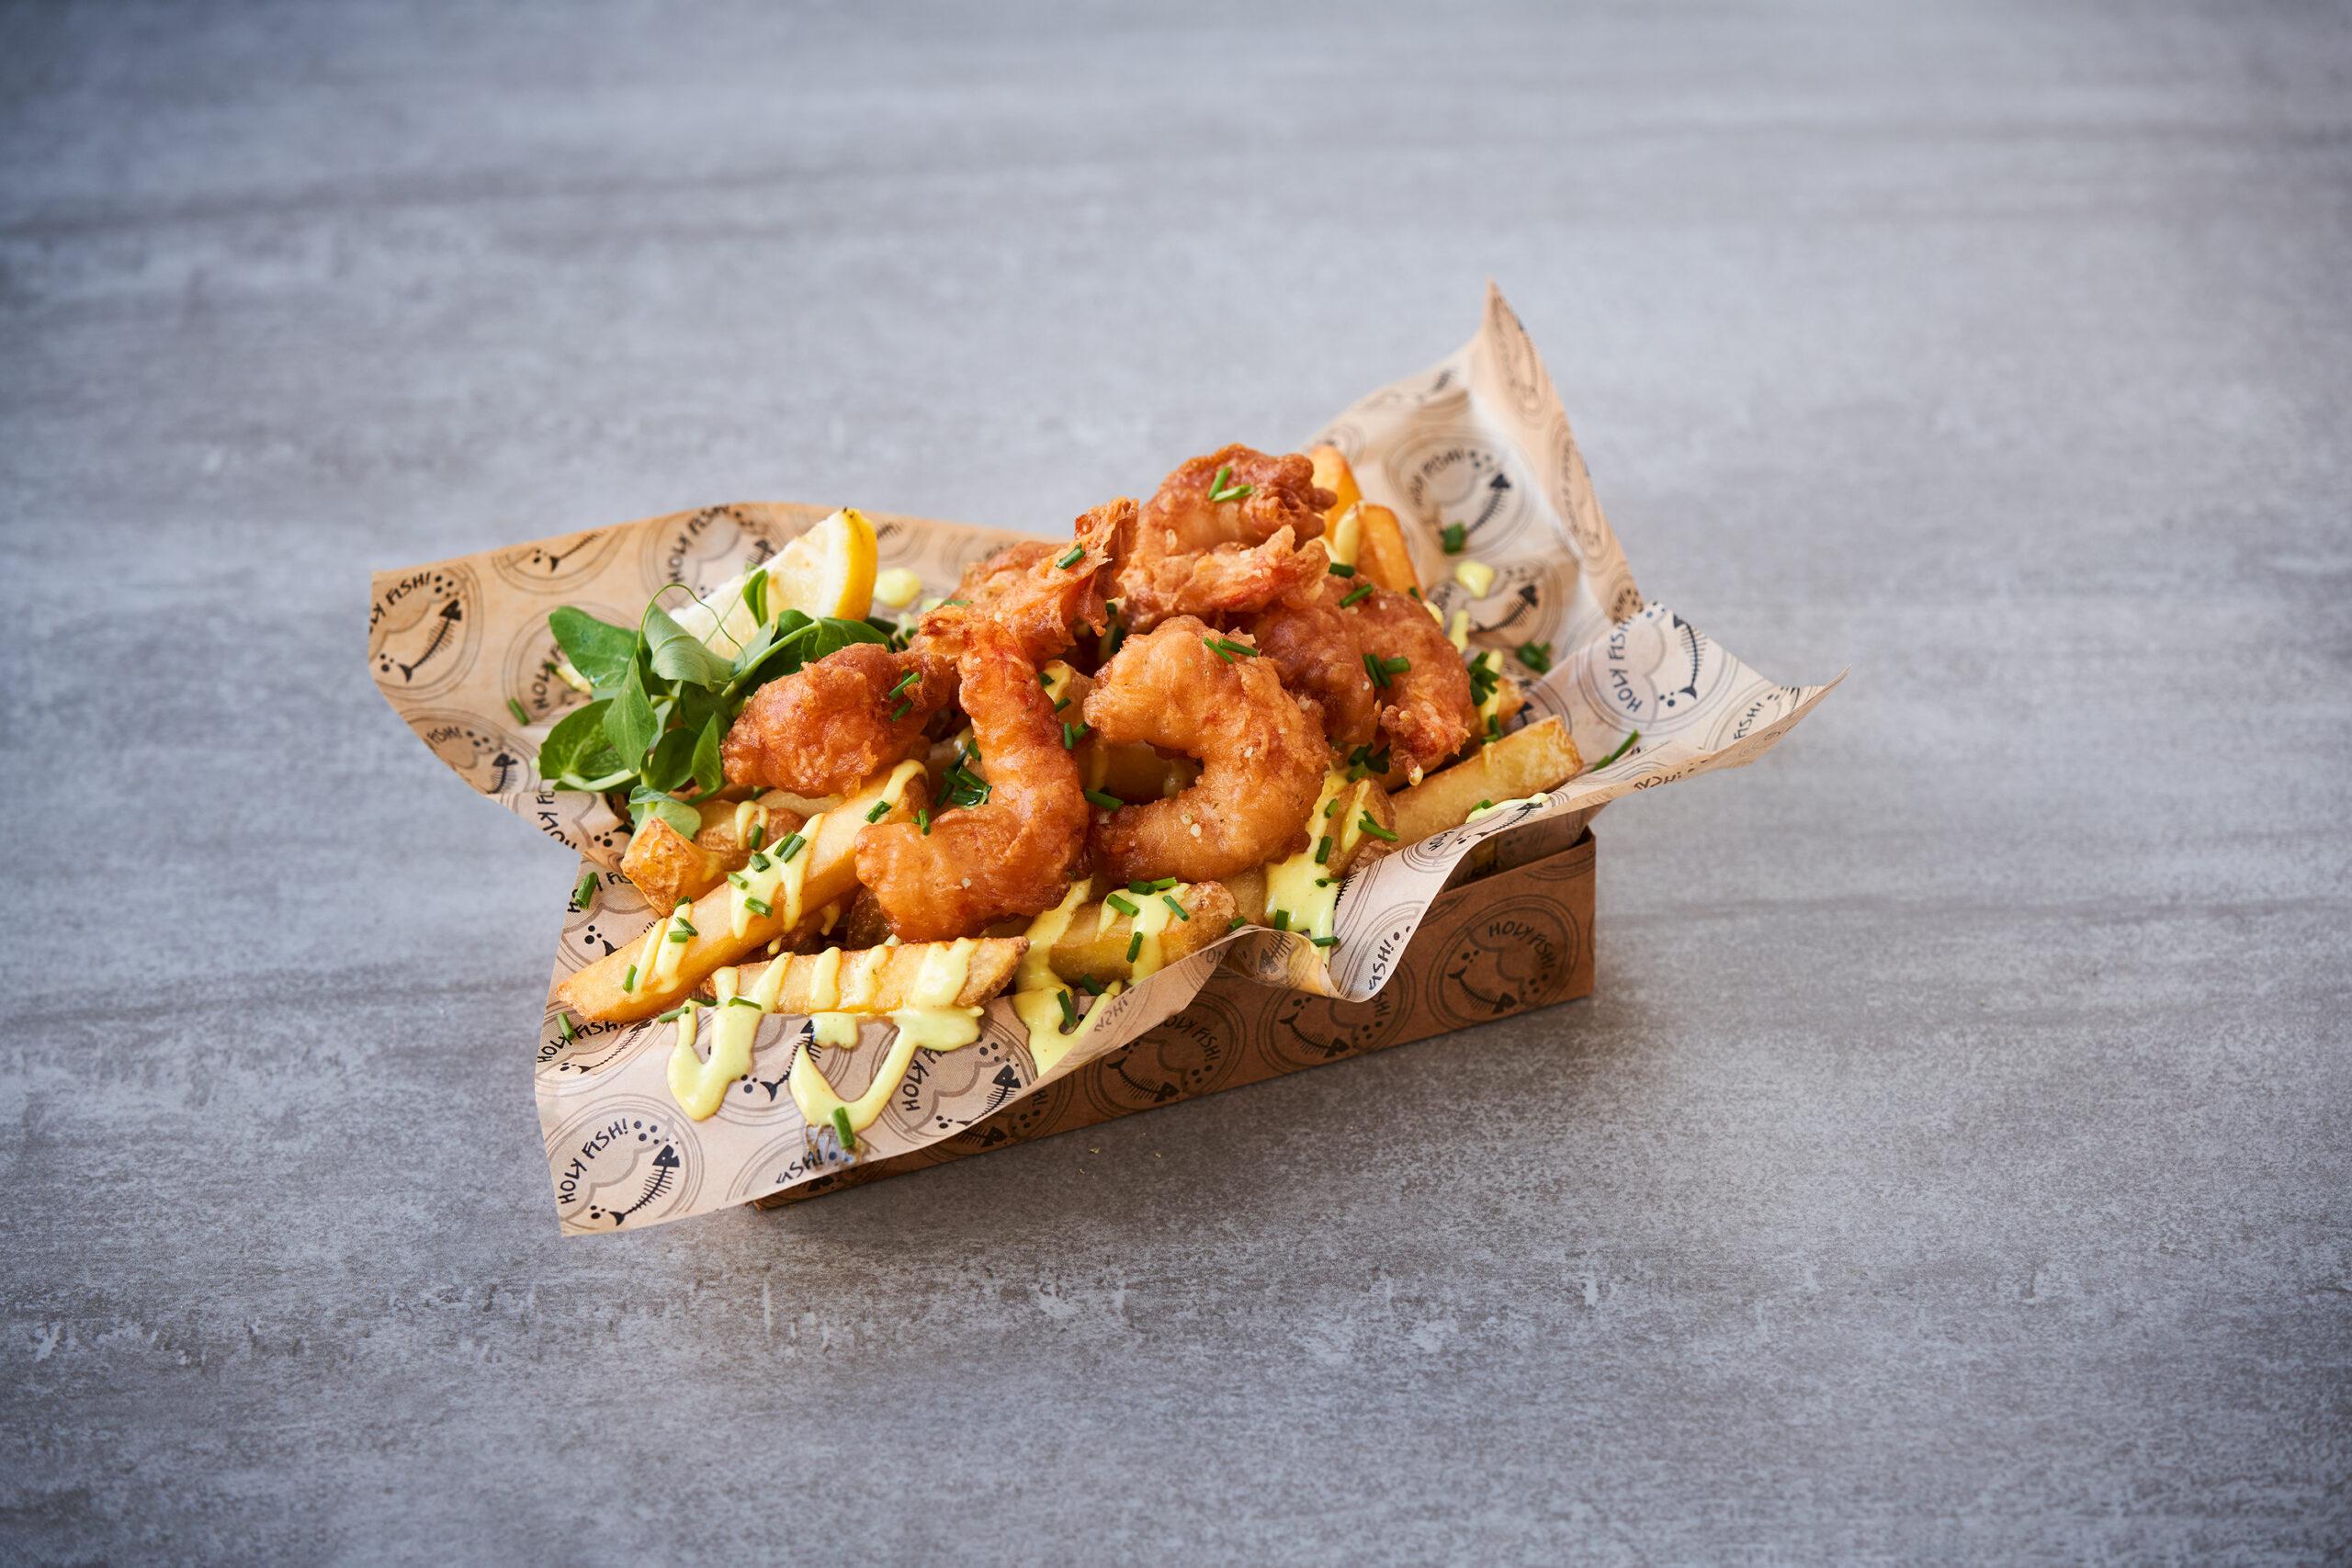 Shrimps 'n' Chips